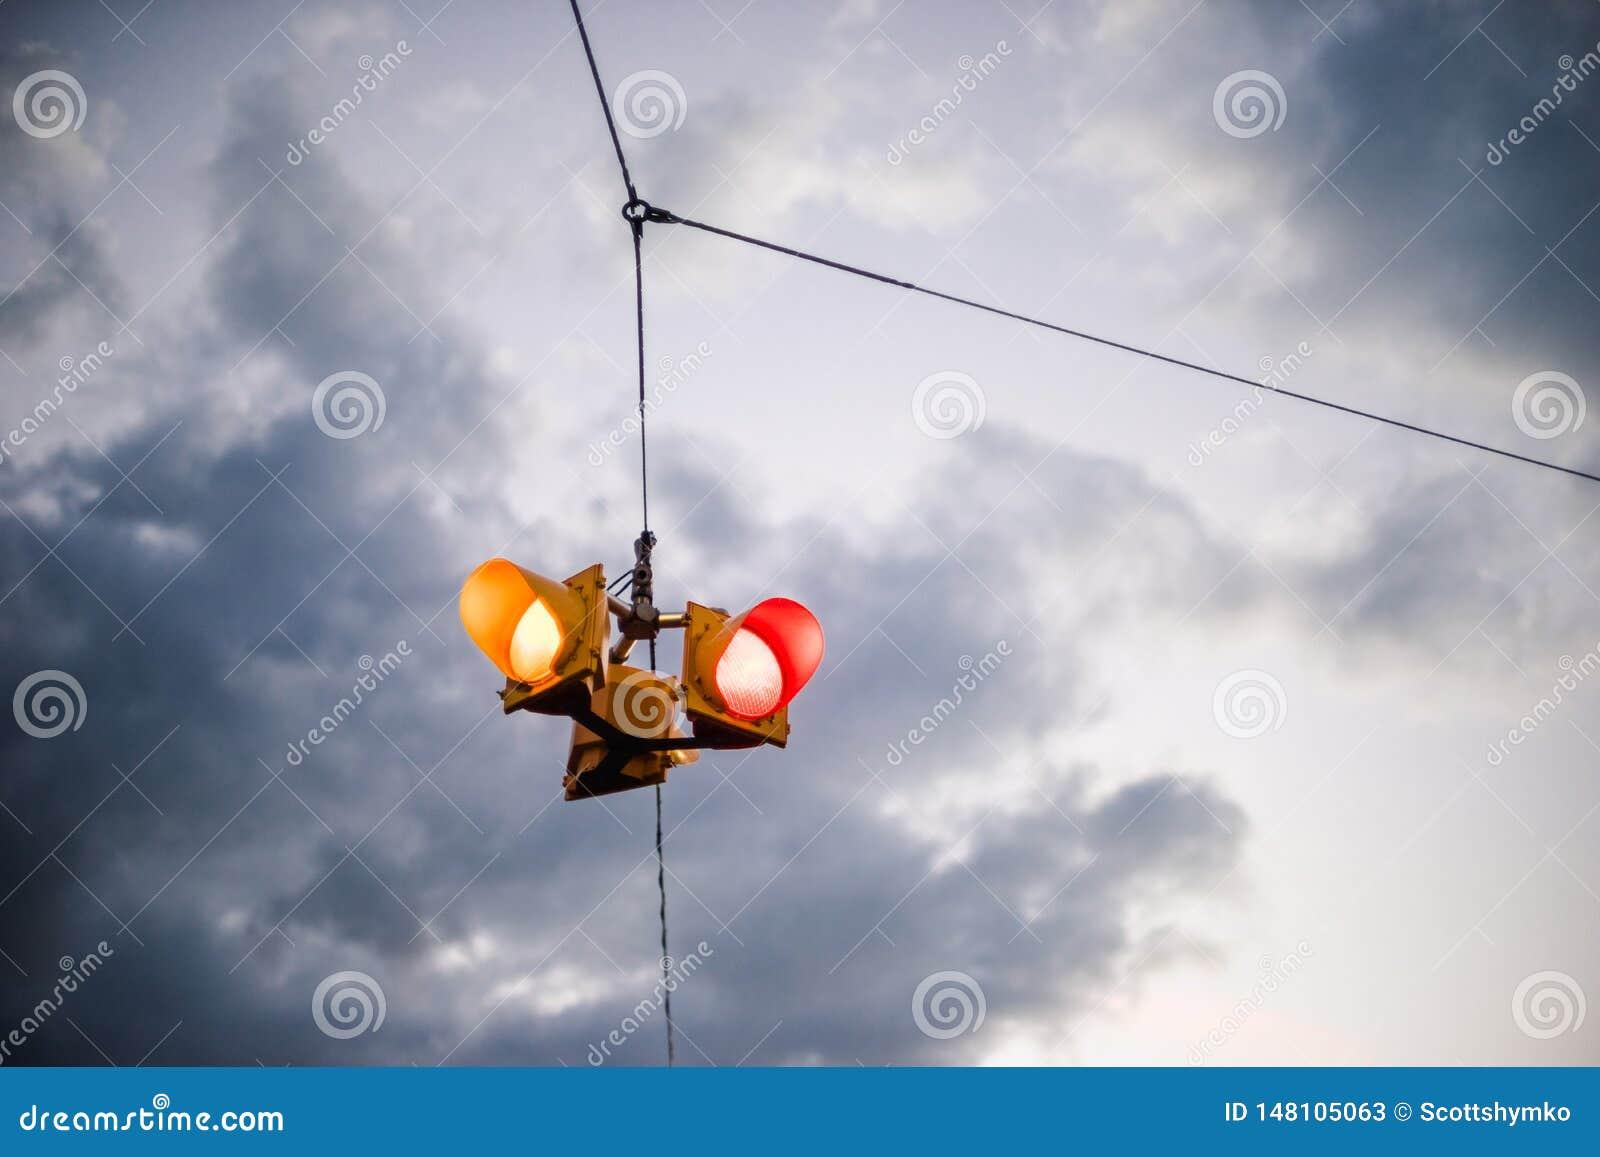 Des feux de signalisation suspendus contre un ciel déprimé